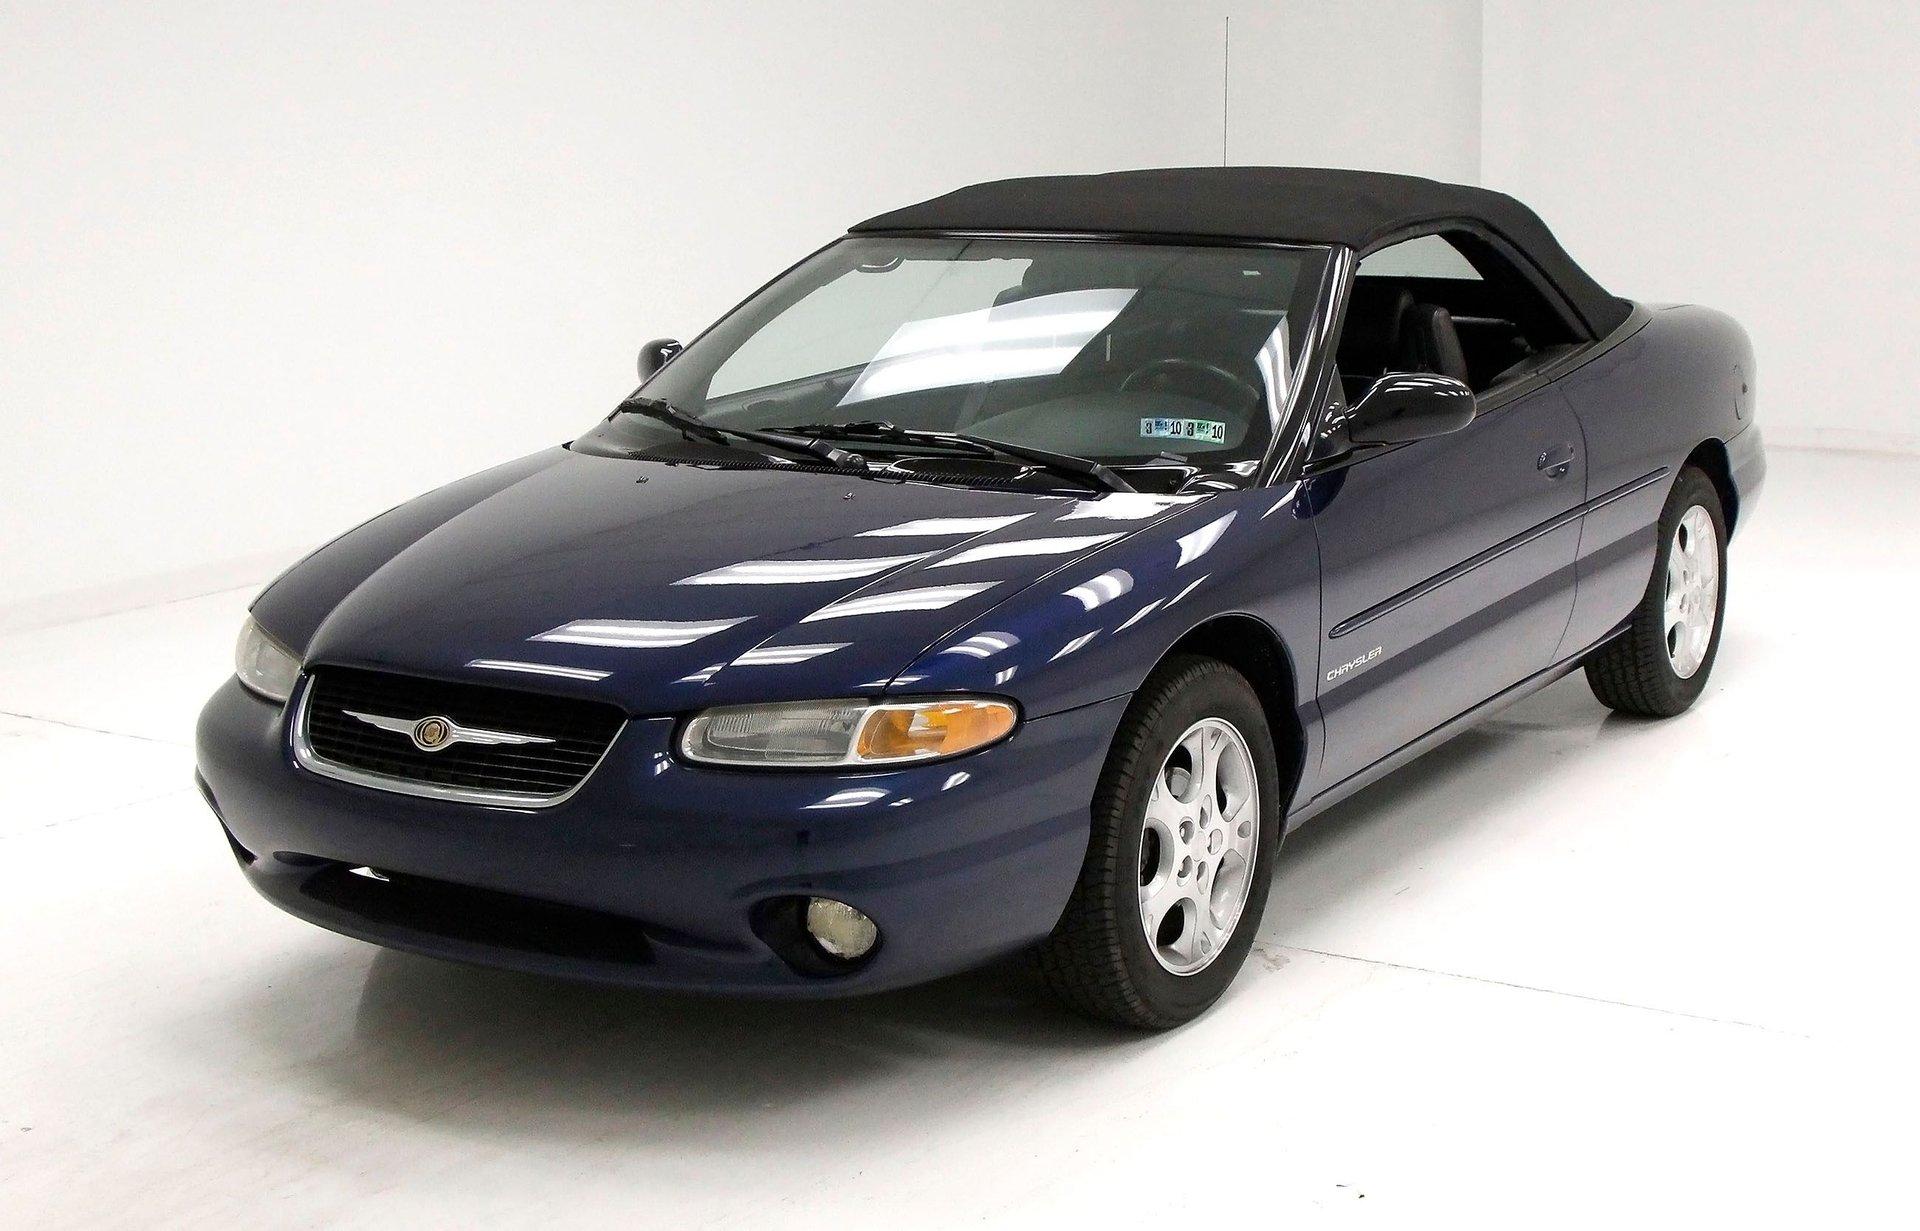 2000 chrysler sebring classic auto mall 2000 chrysler sebring classic auto mall